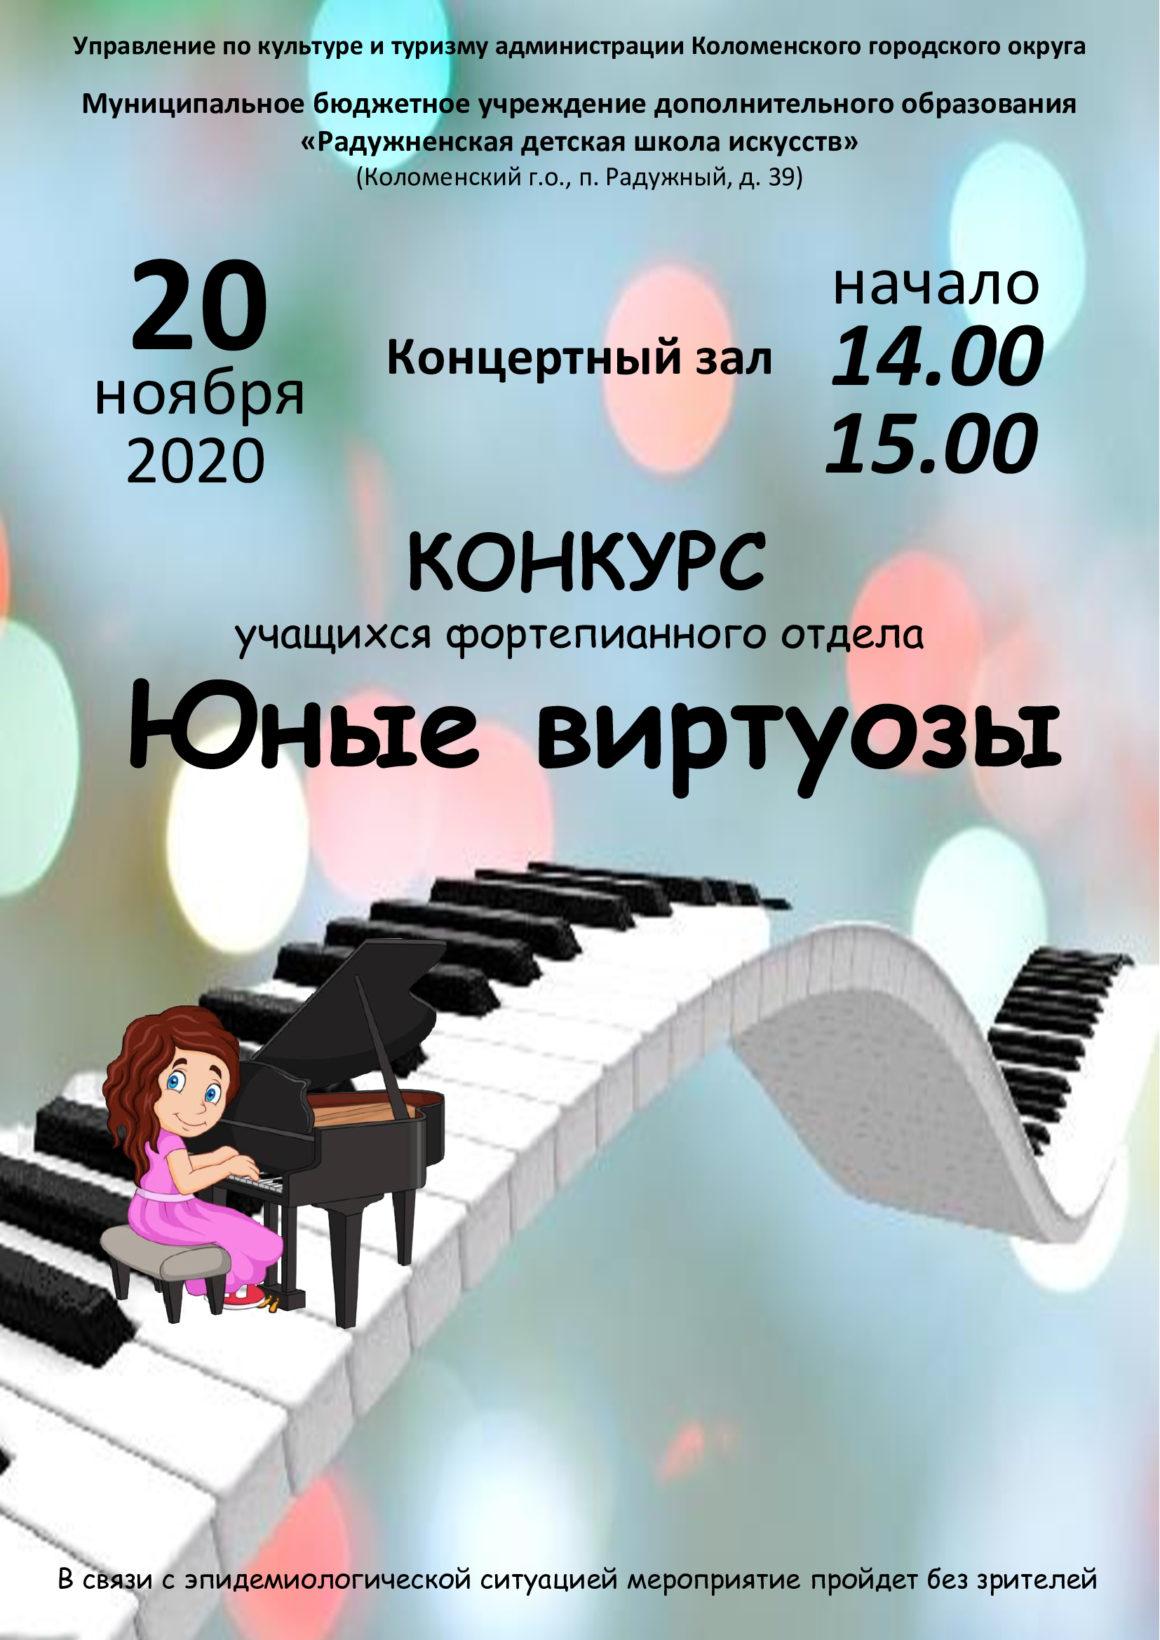 Конкурс учащихся фортепианного отдела «Юные виртуозы»